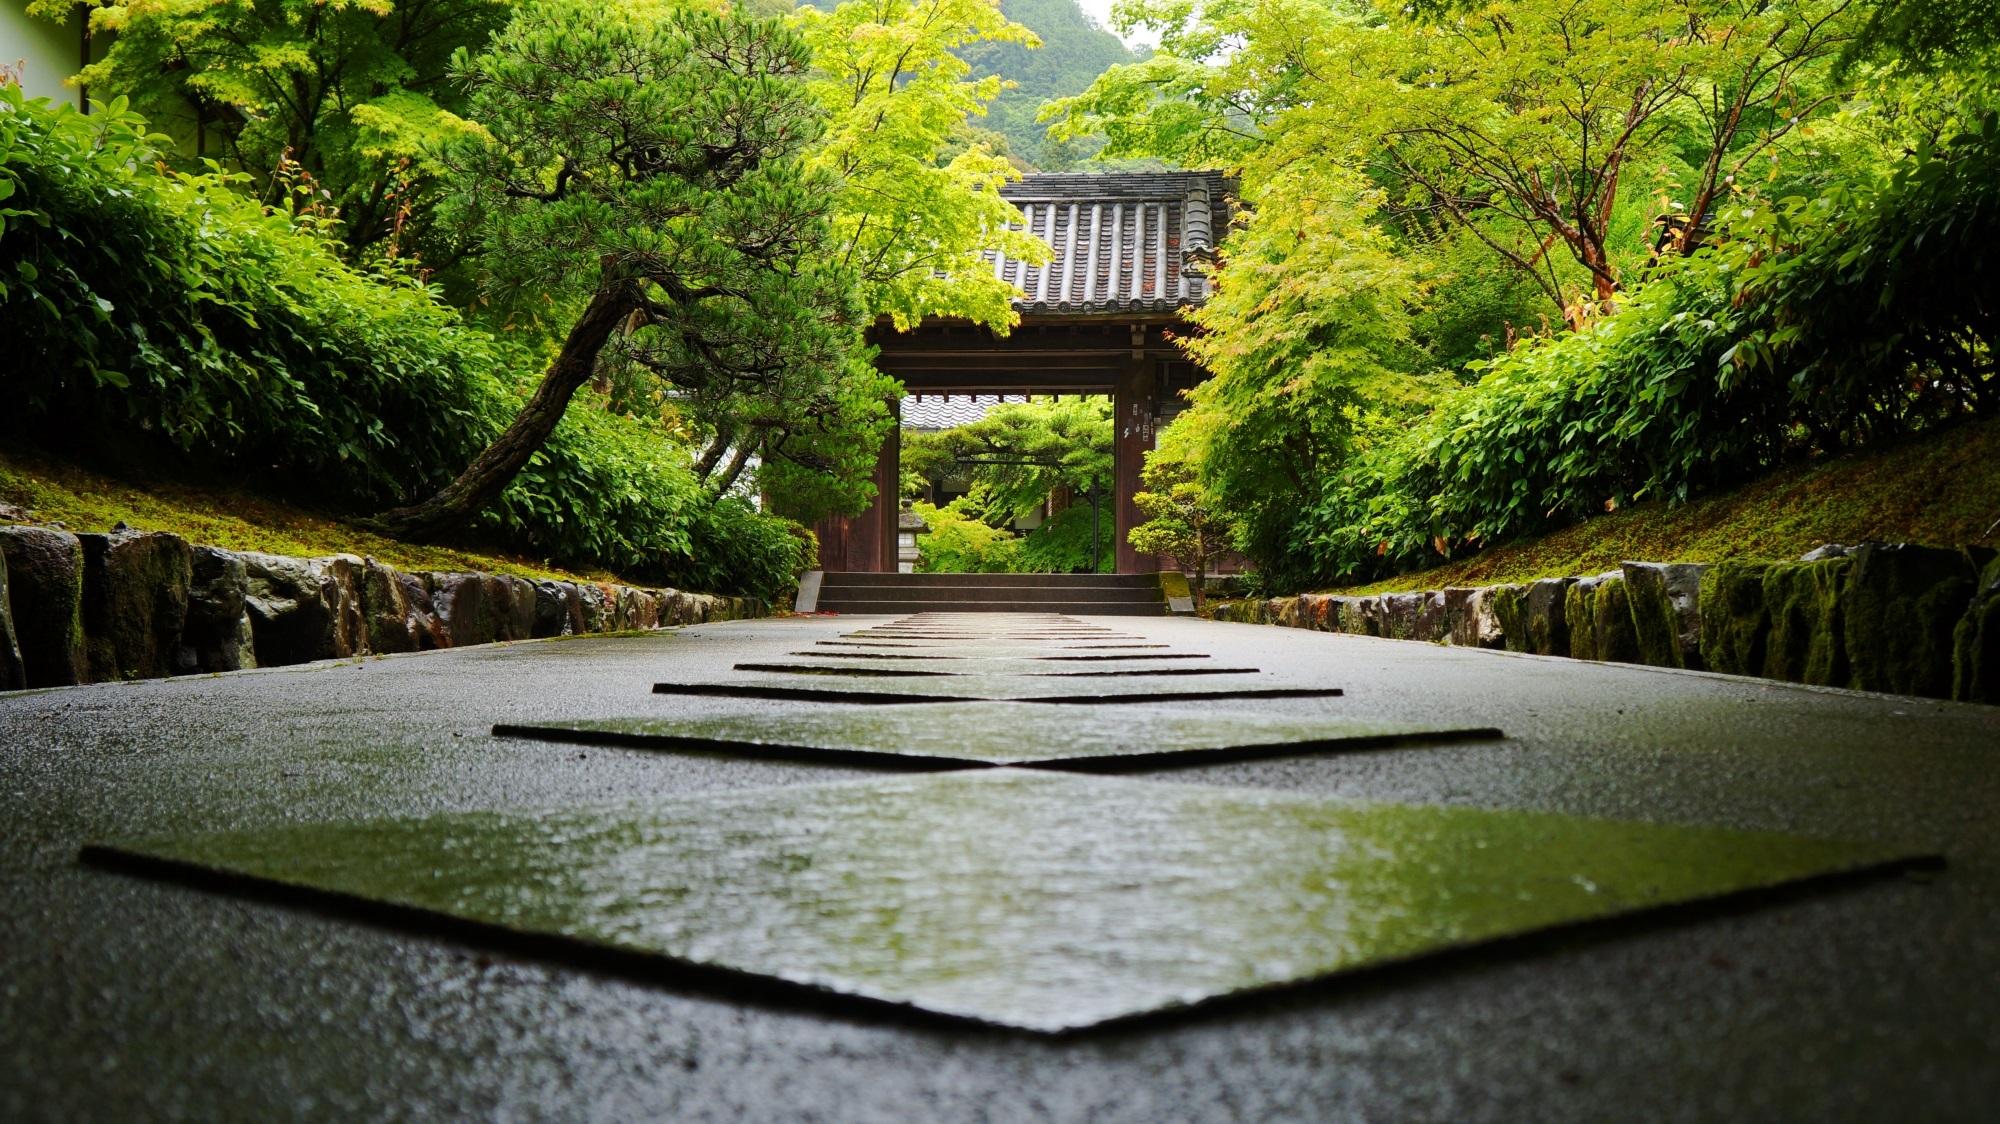 南禅寺 最勝院(高徳庵) 新緑と青もみじ 絵になりすぎる参道